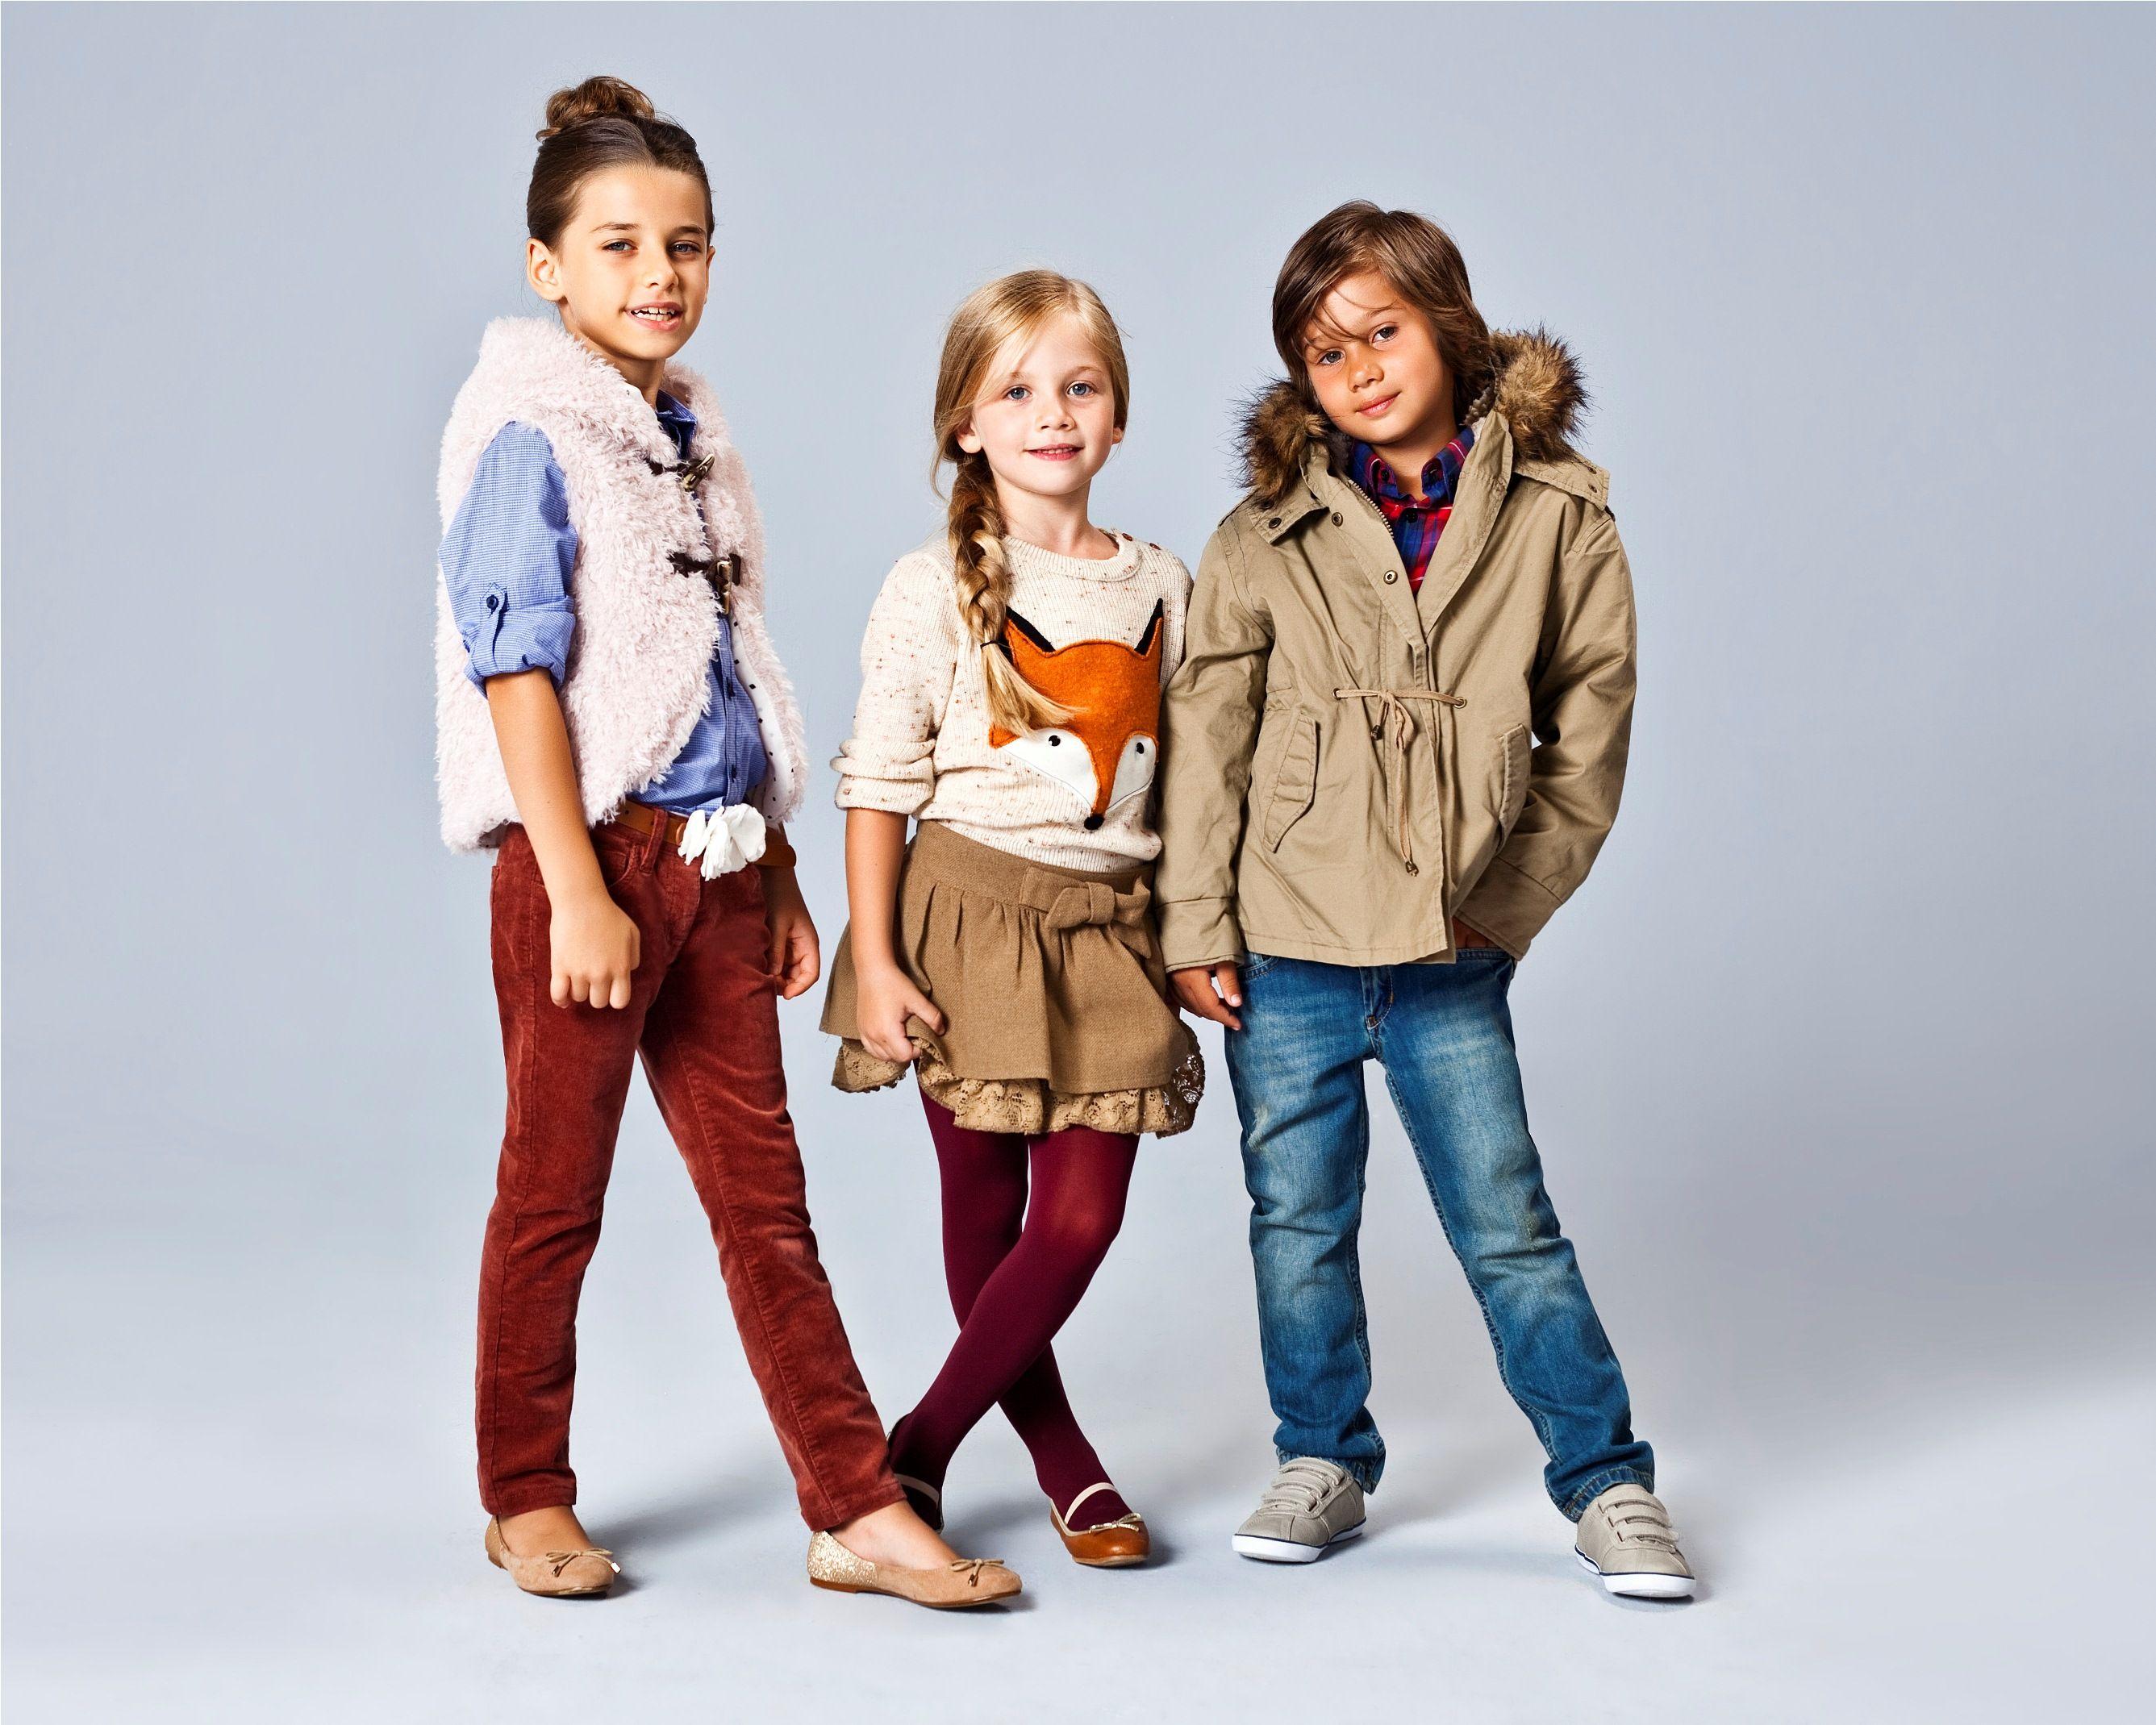 d7f6ba2359eb2 Koton Kids 2012-2013 Sonbahar-Kış Koleksiyonu, modayı seven anne ve  babaların stil sahibi çocukları için tasarlanmış. Renkli, rahat ve zengin  koleksiyon ...